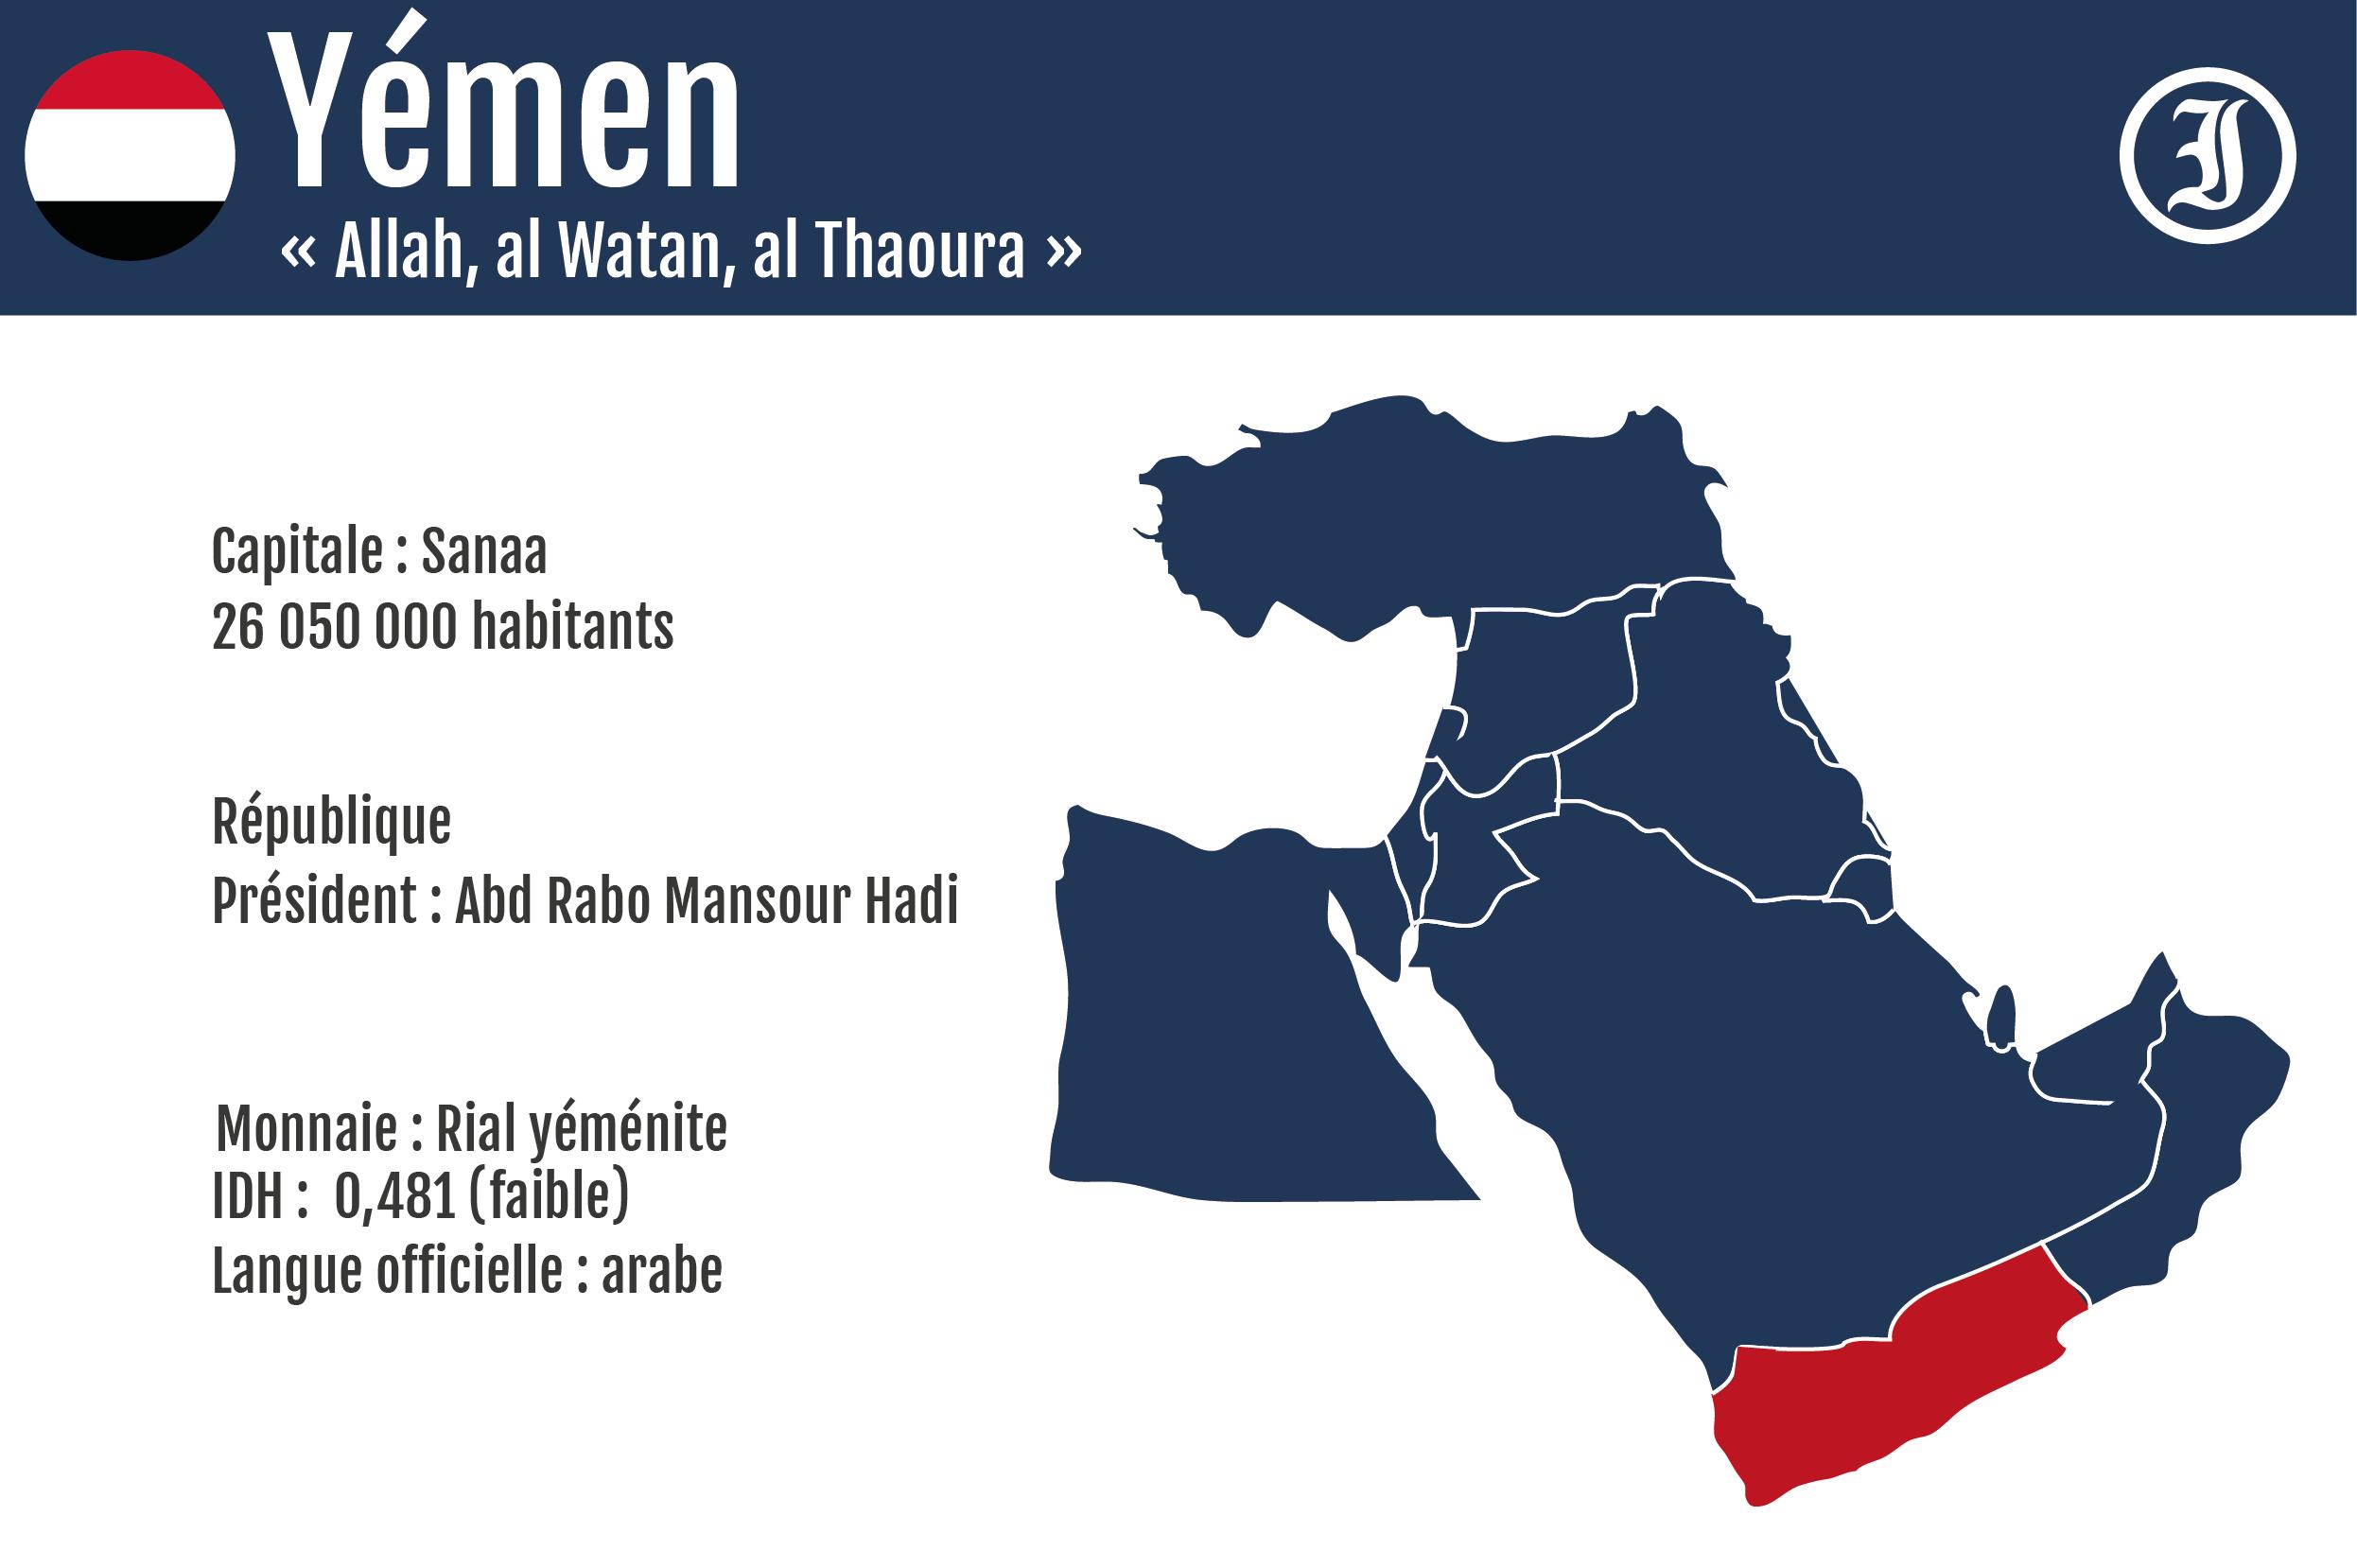 Conflit au Yémen : premier dialogue entre l'Iran et l'Arabie saoudite